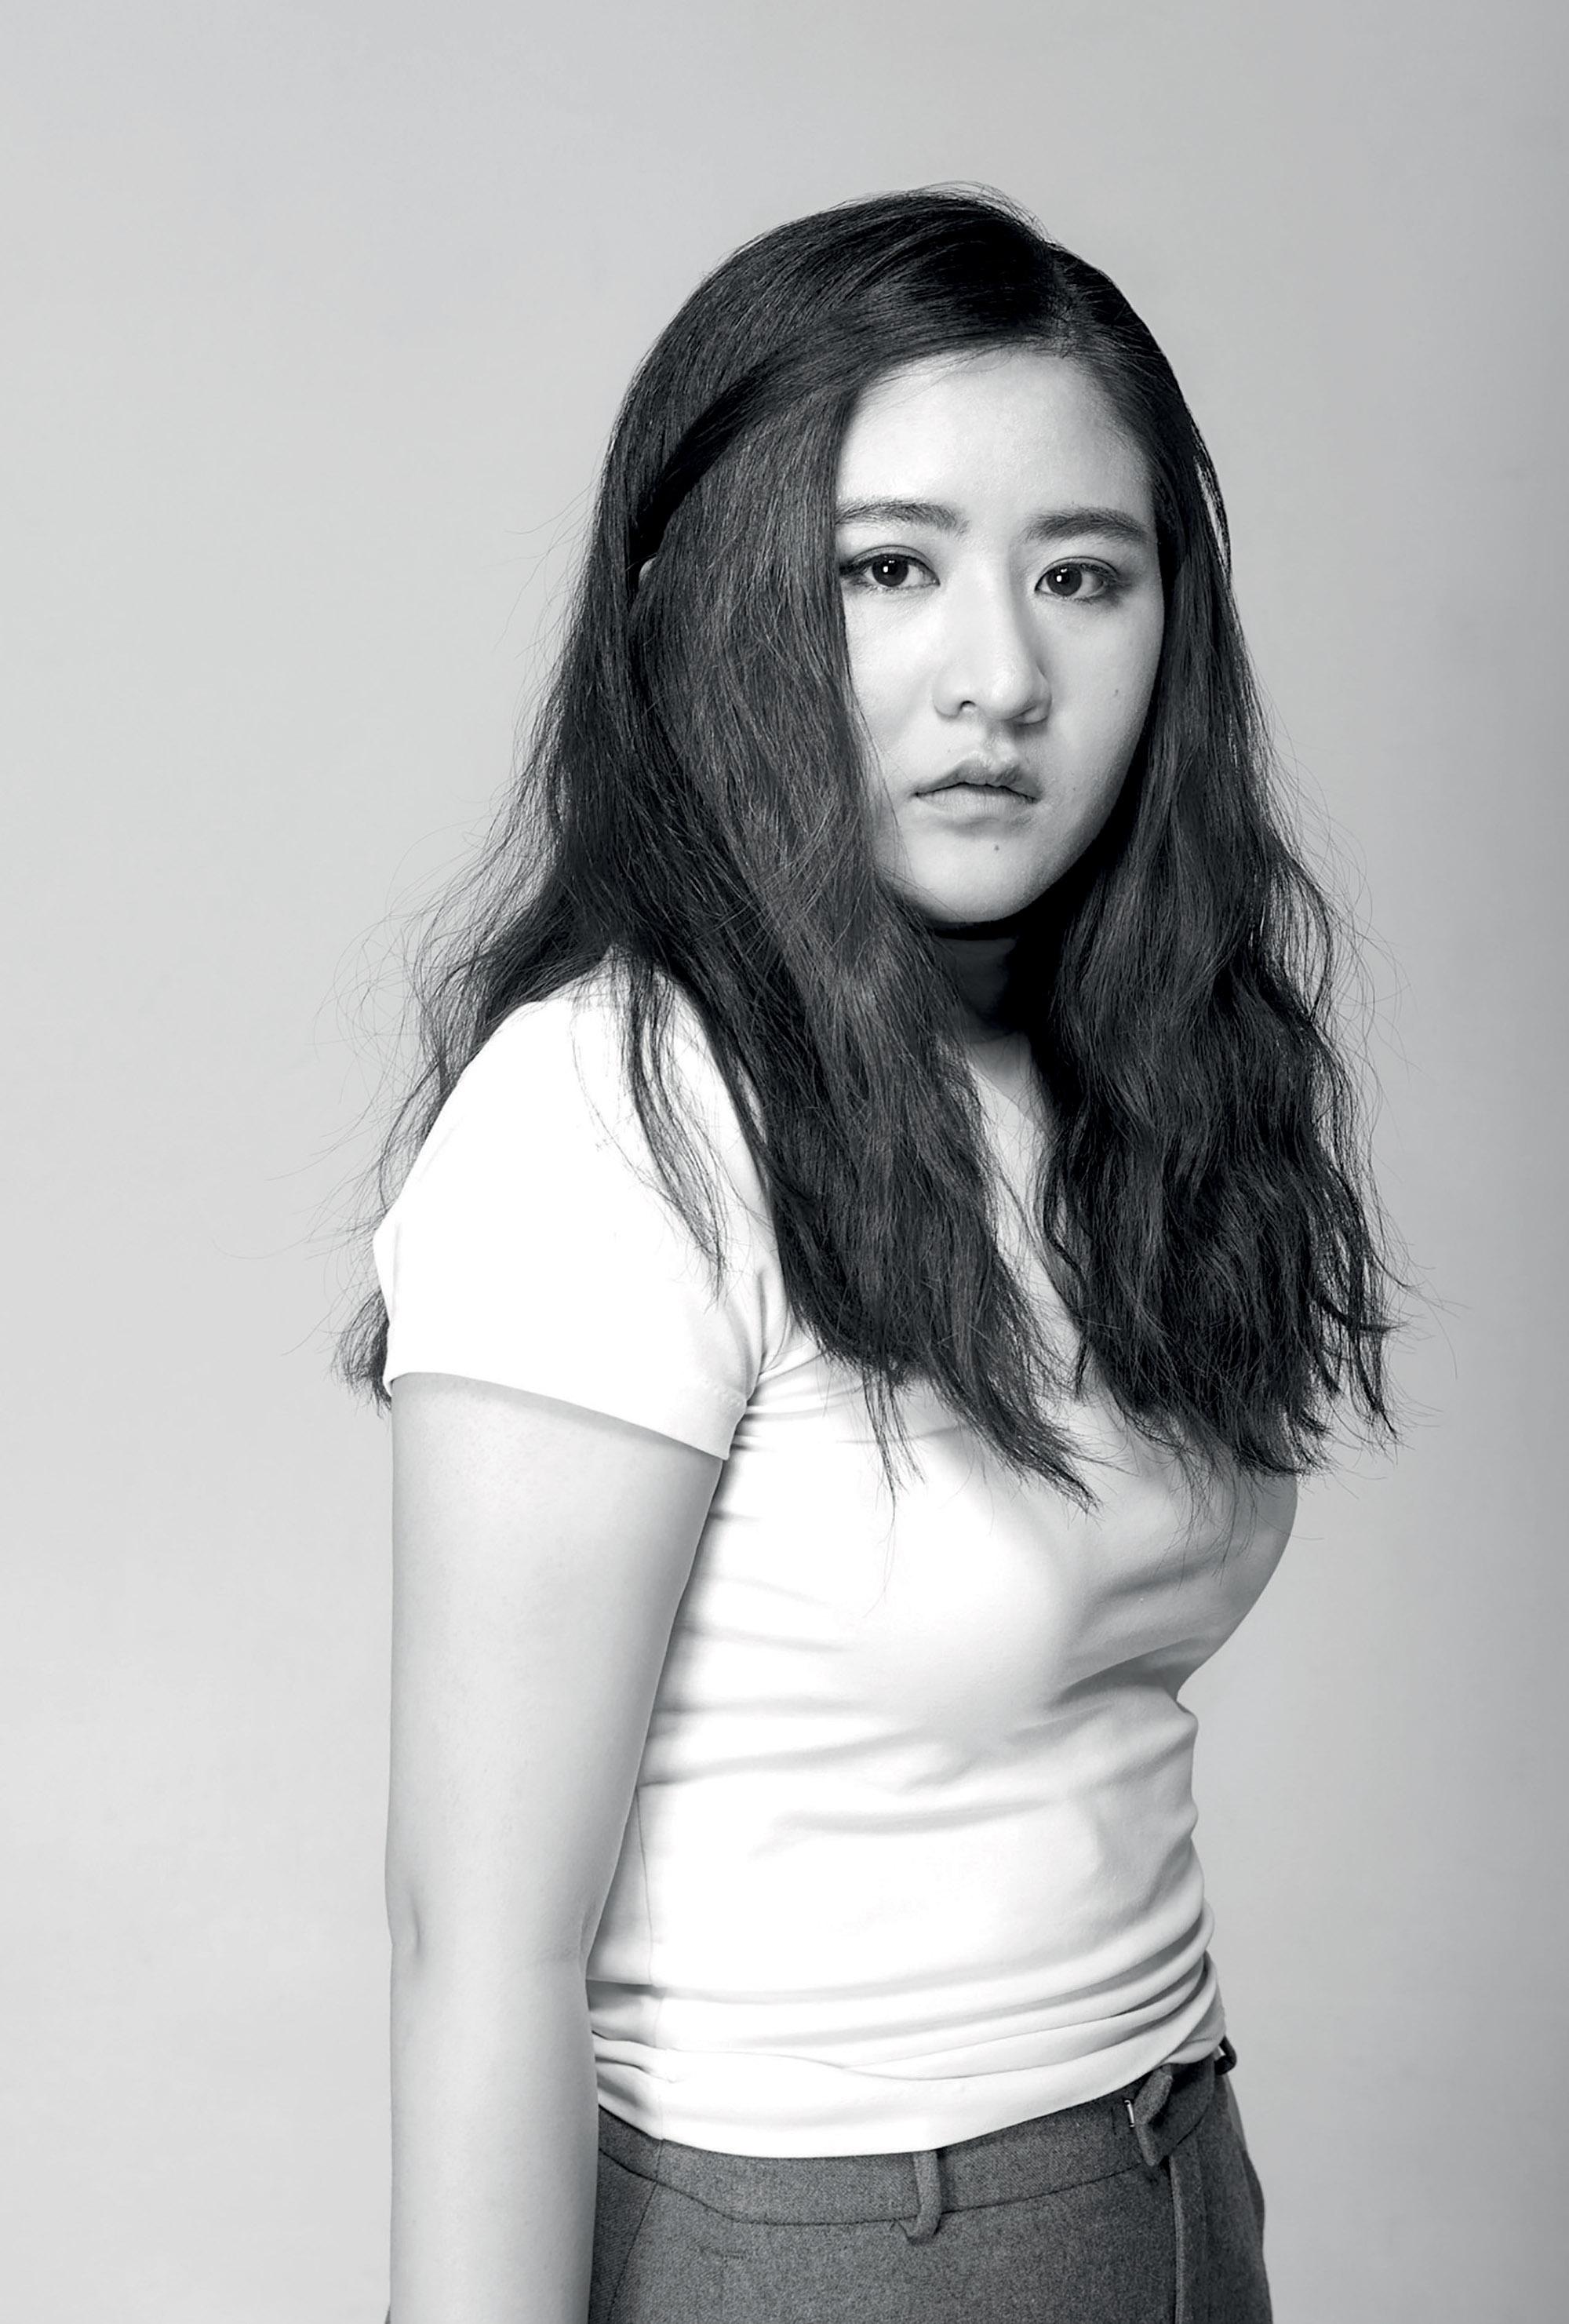 nhà thiết kế thời trang Snow Xue Gao